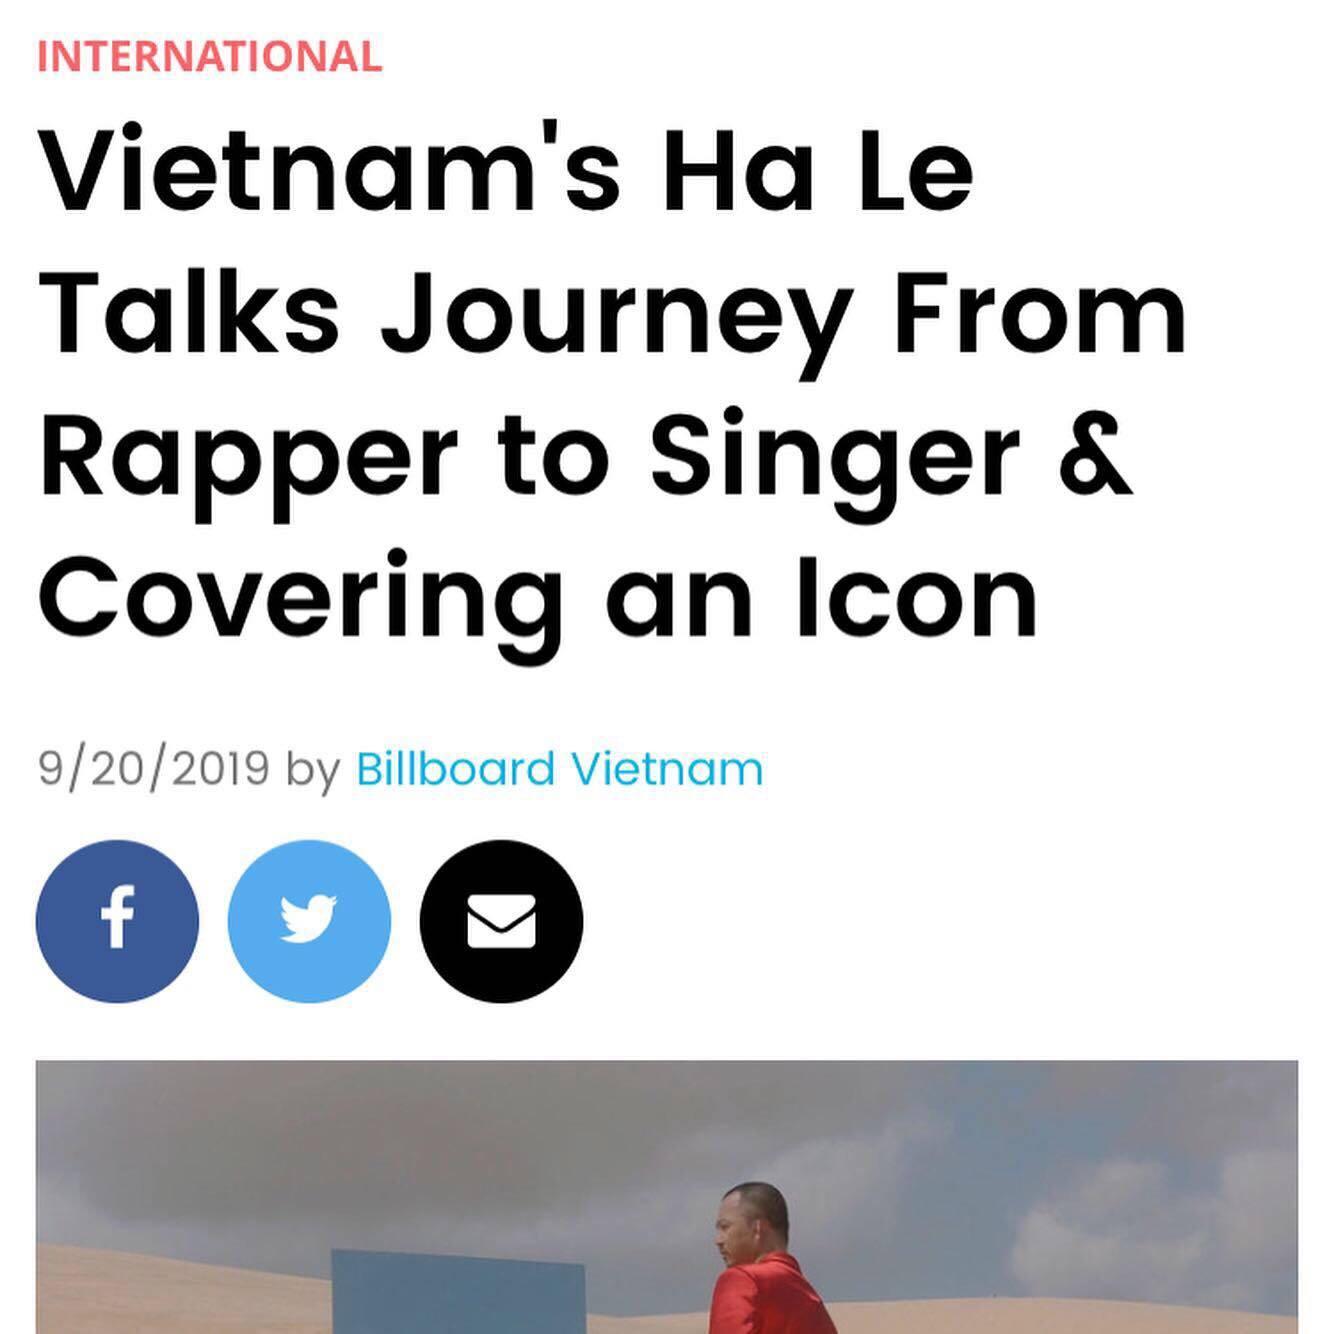 Hà Lê